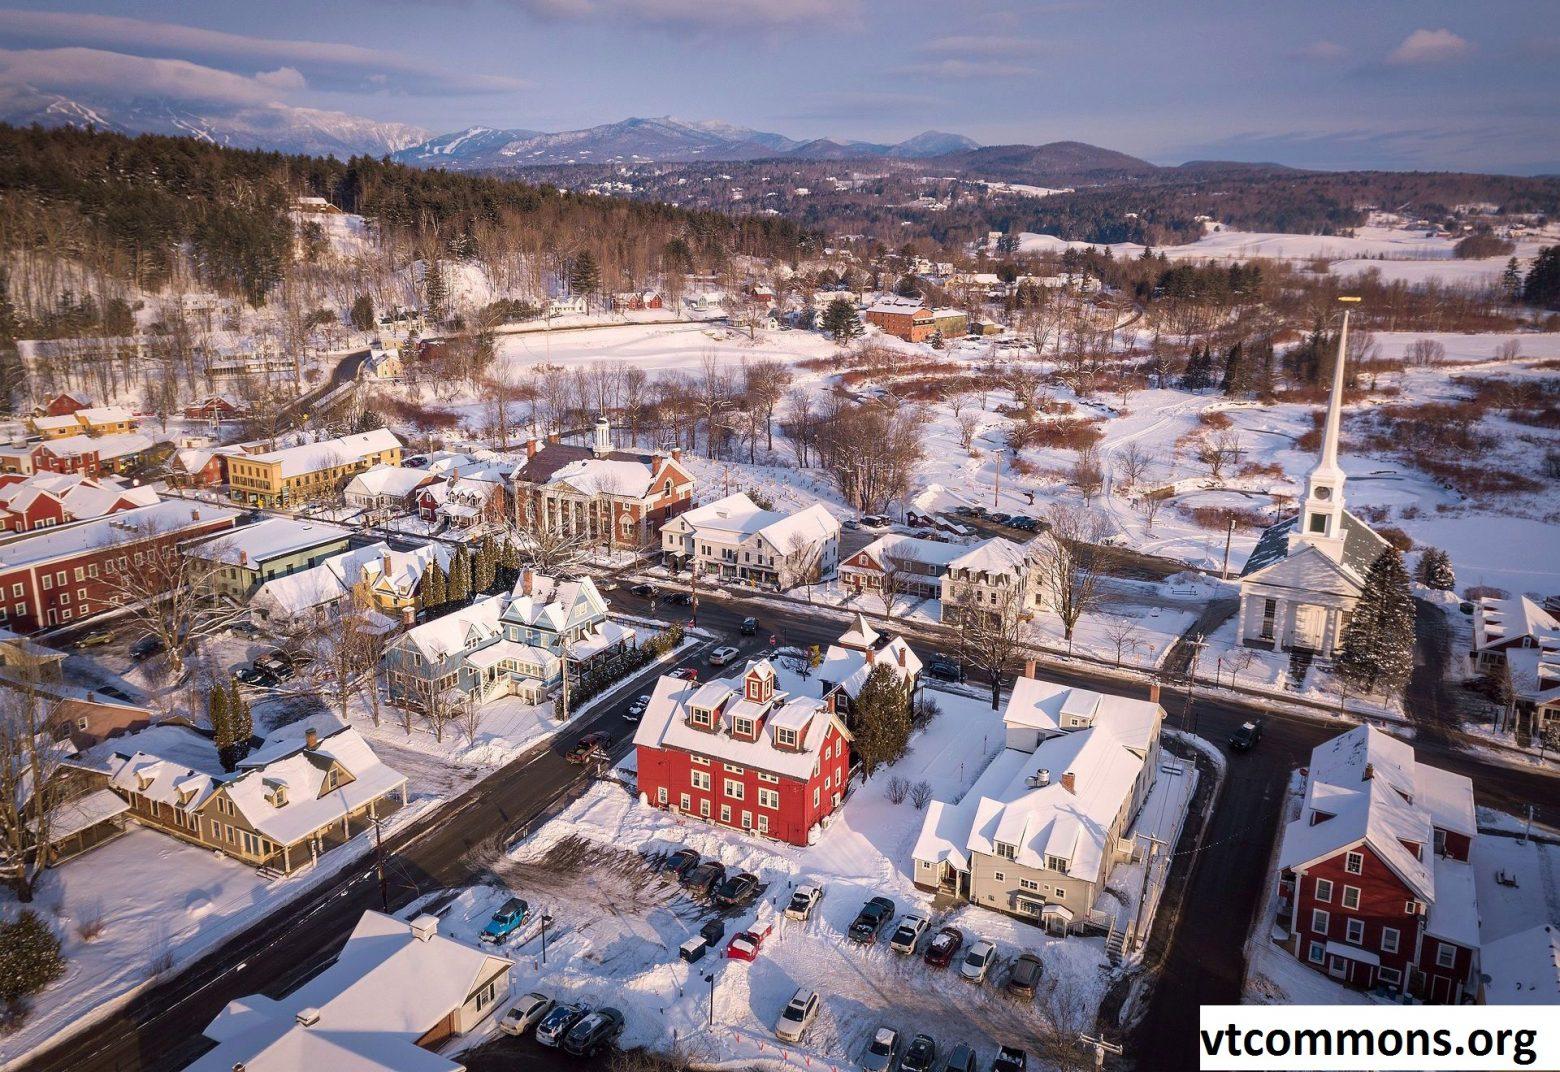 Badan Perdagangan dan Pengembangan Masyarakat yang Ada di Vermont